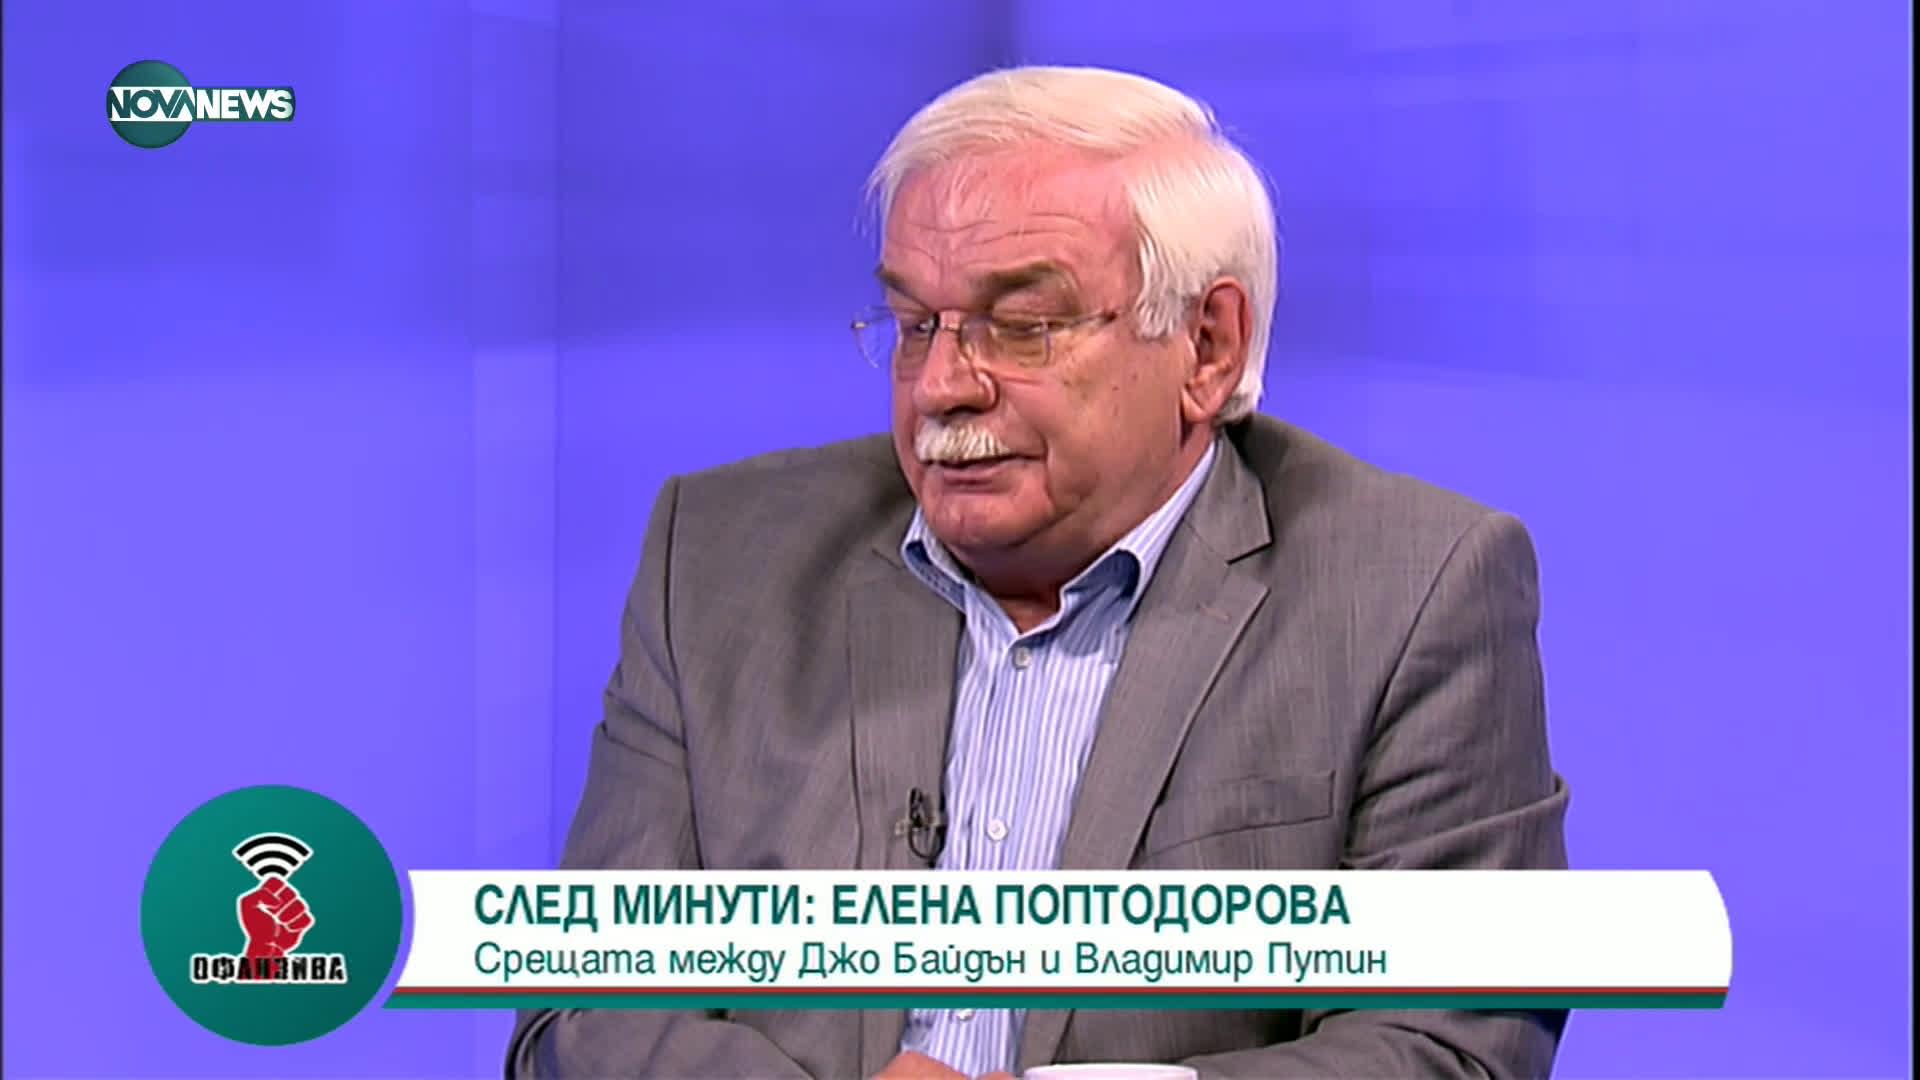 Валентин Радомирски: Българската позиция за Северна Македония не може да бъде променена